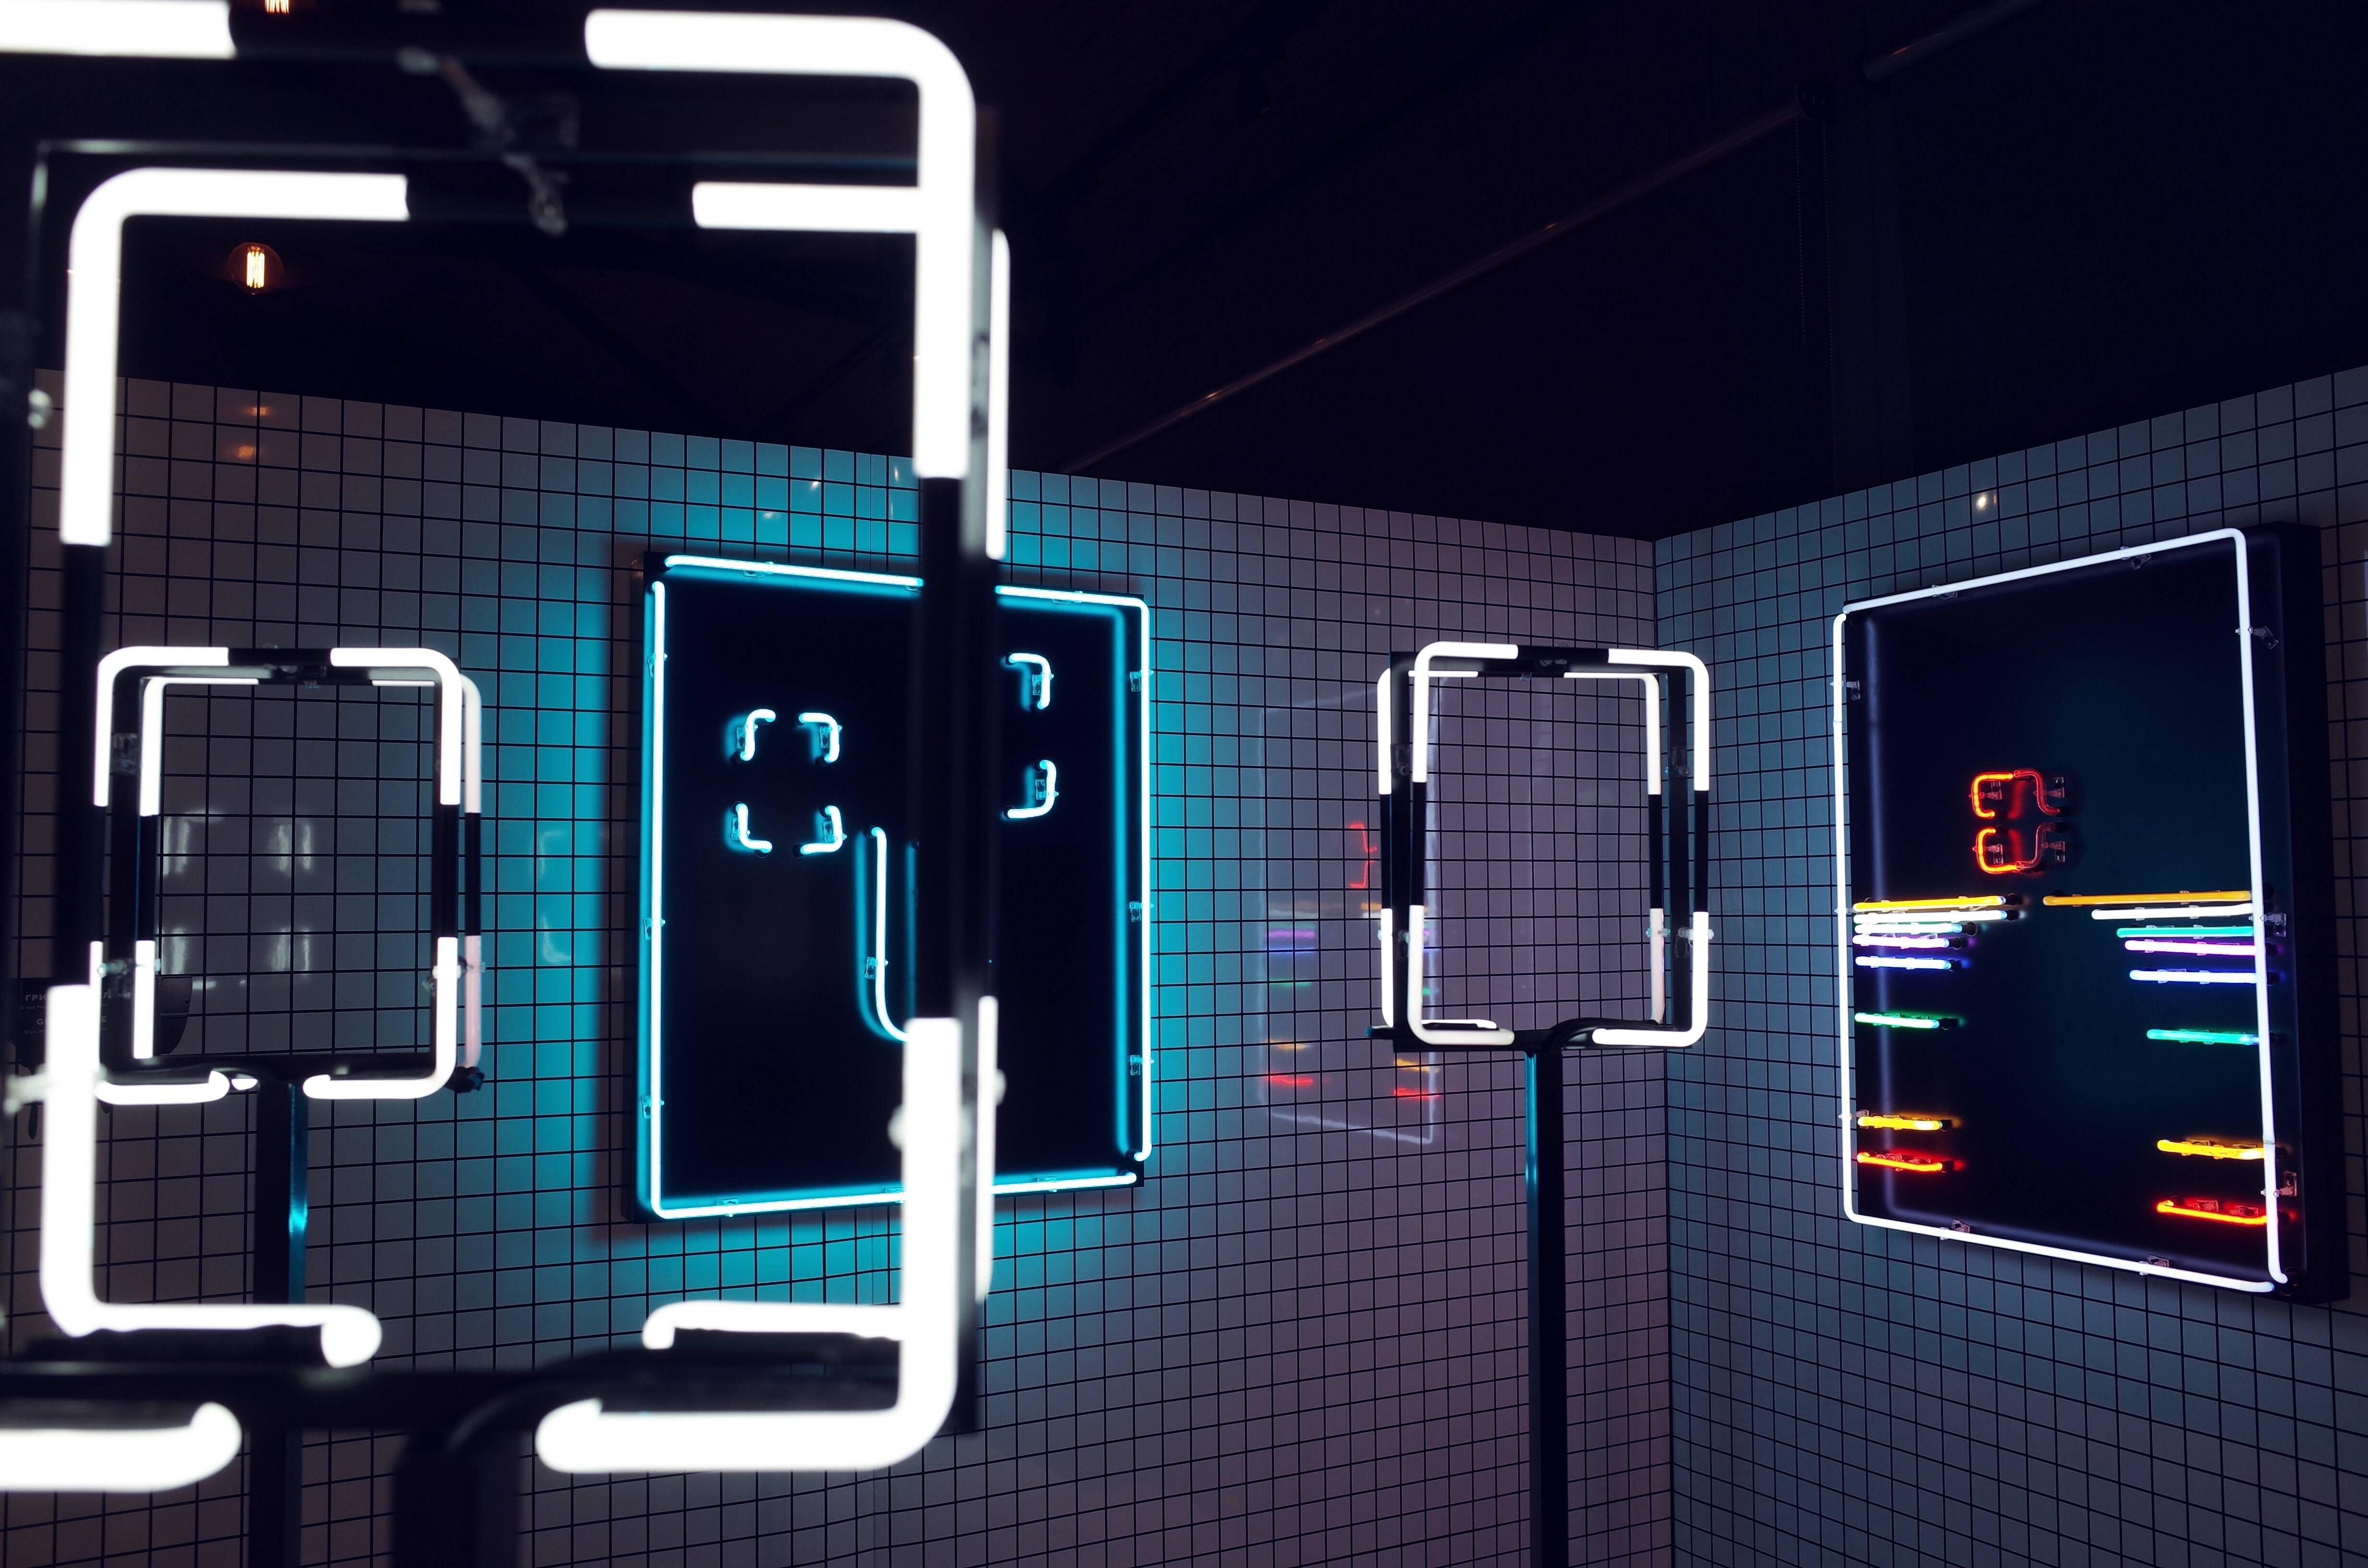 华泰证券基于Kubernetes构建AI基础平台的落地实践